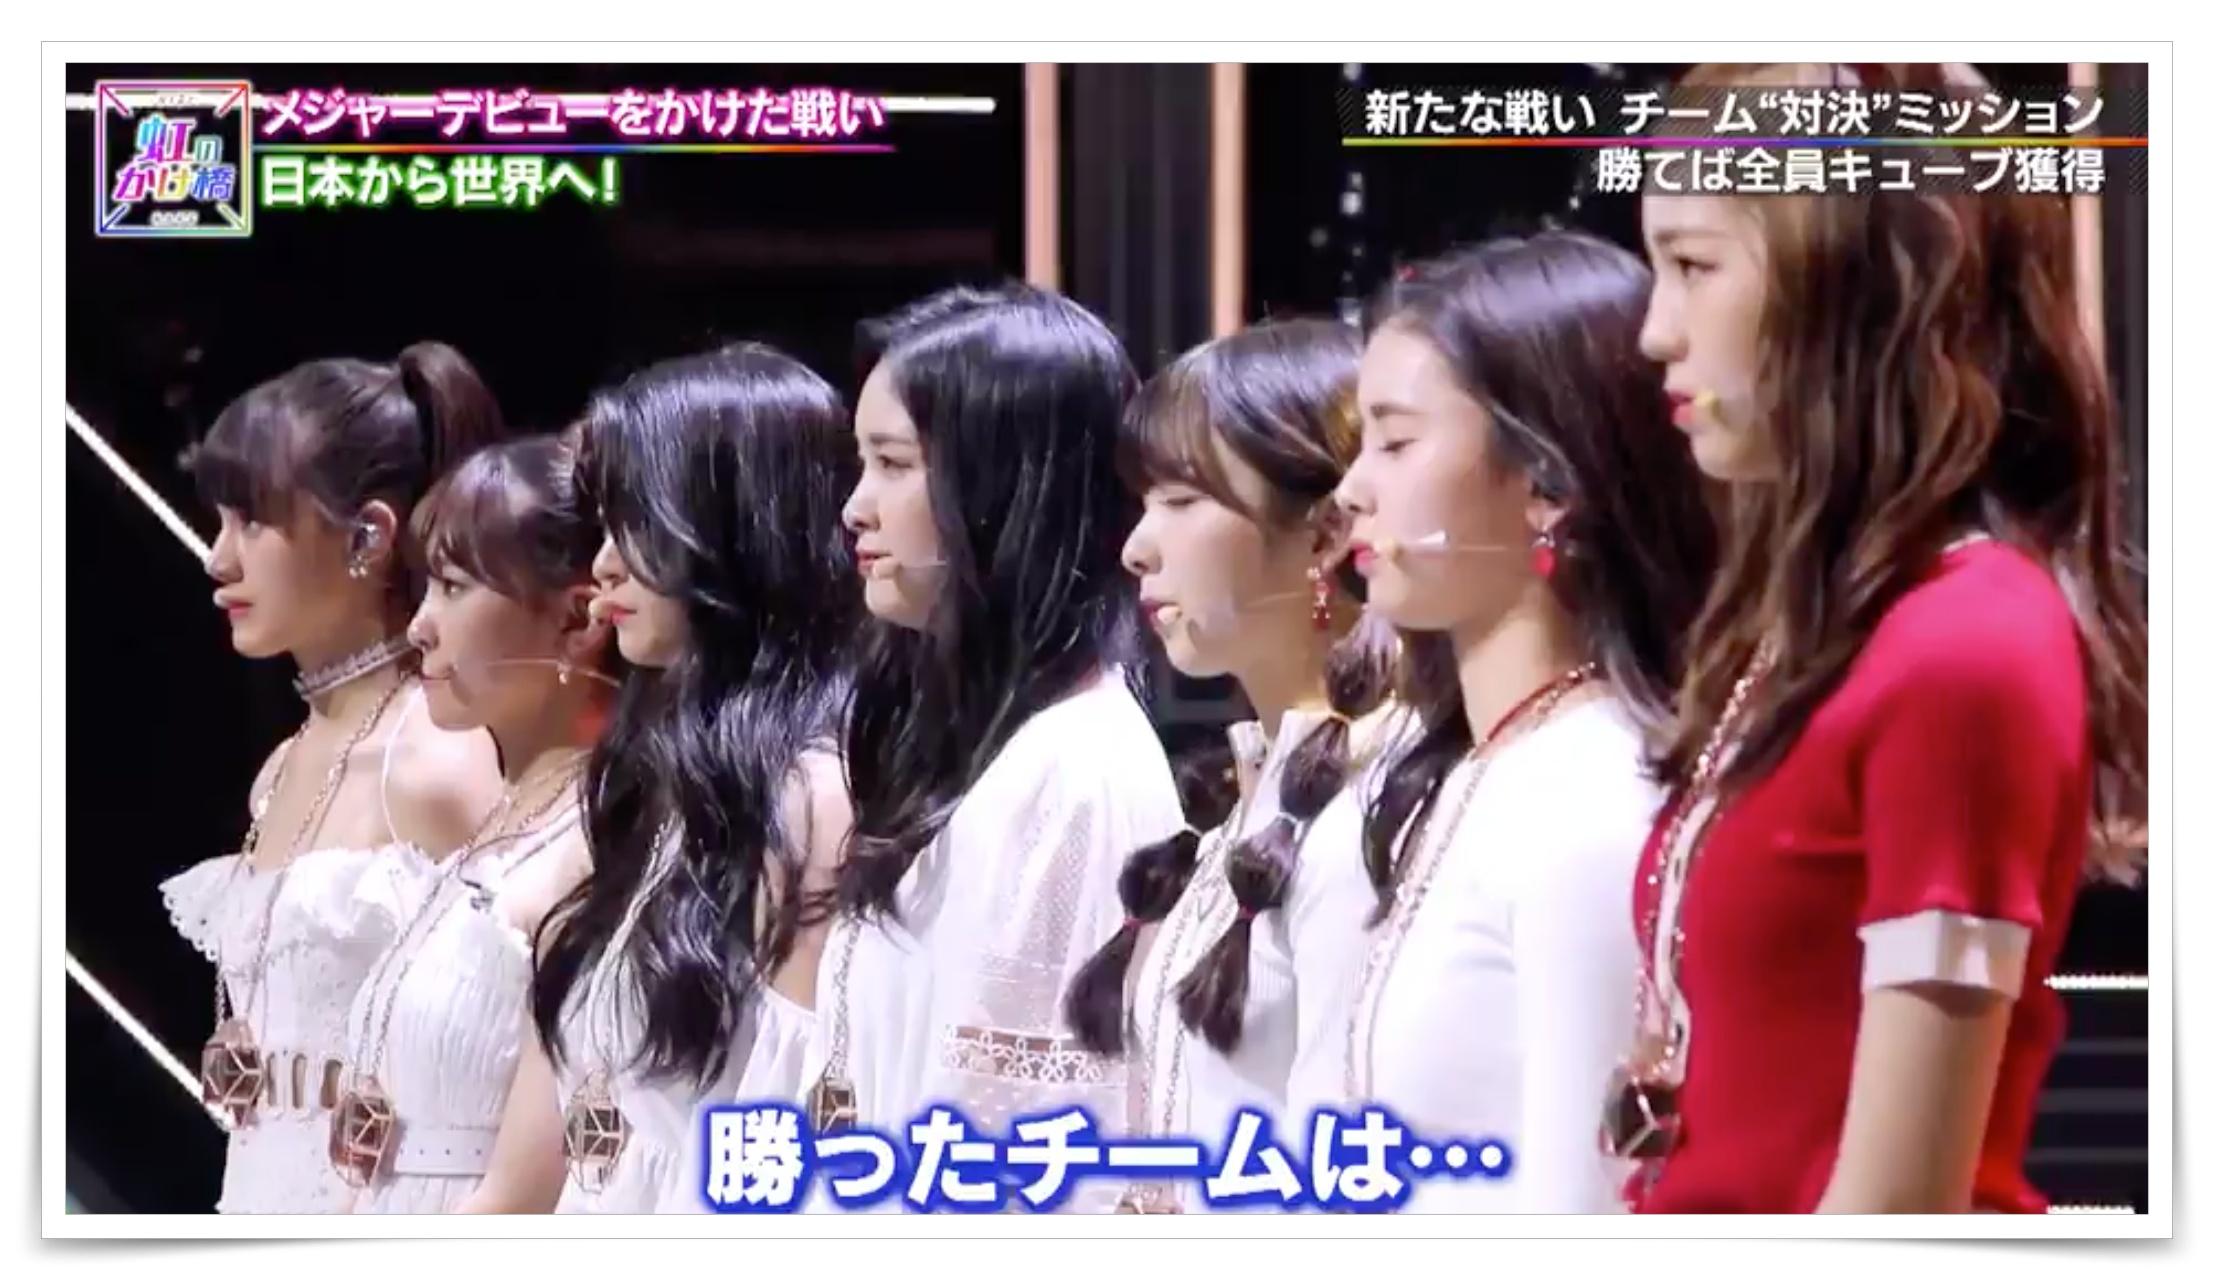 虹プロ韓国チームミッションの画像